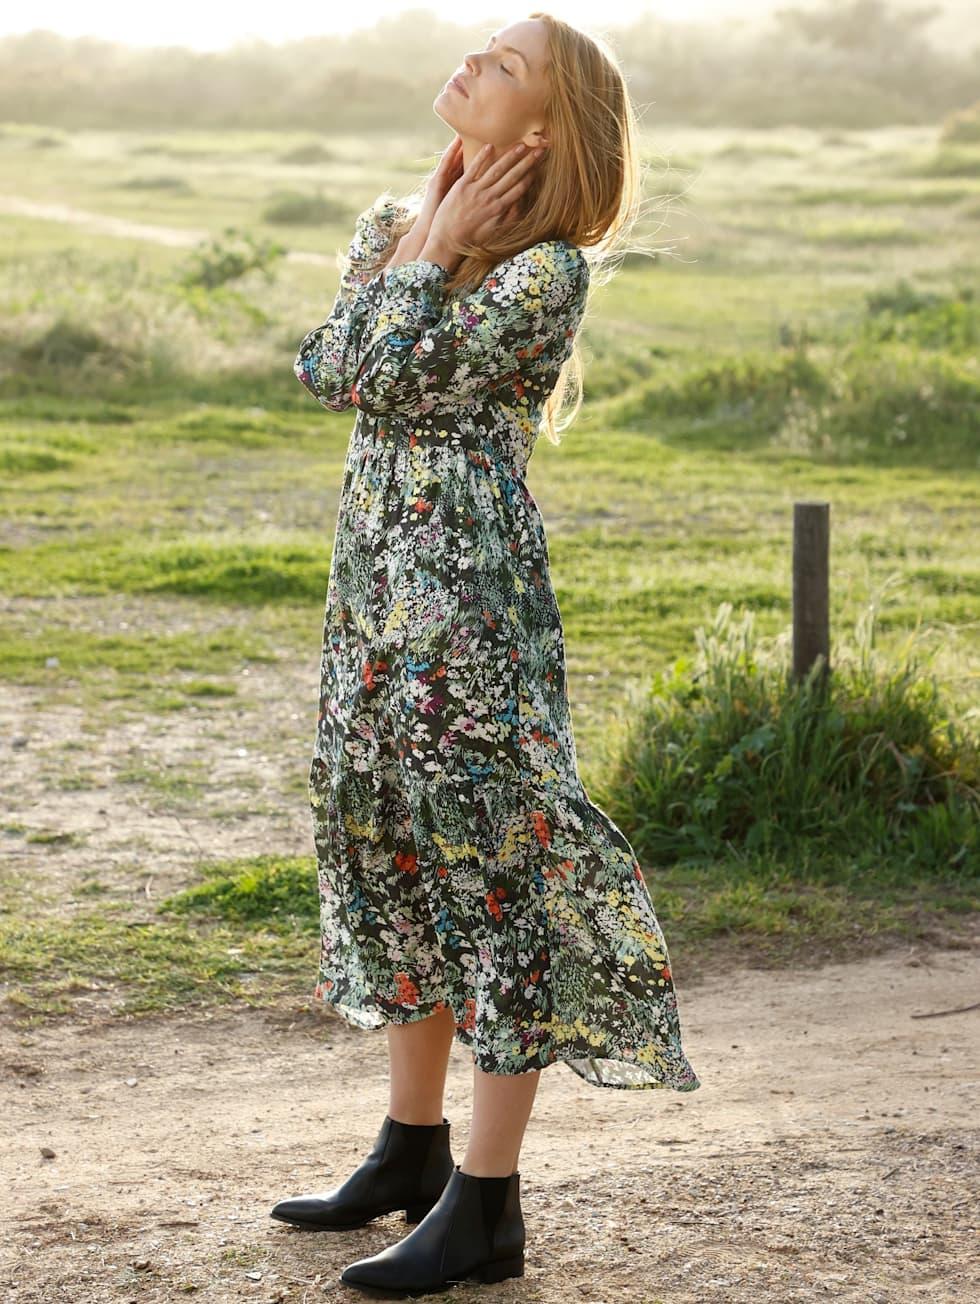 Outfit - LIEBLINGS-KOMBI FÜR SONNIGE HERBSSTAGE